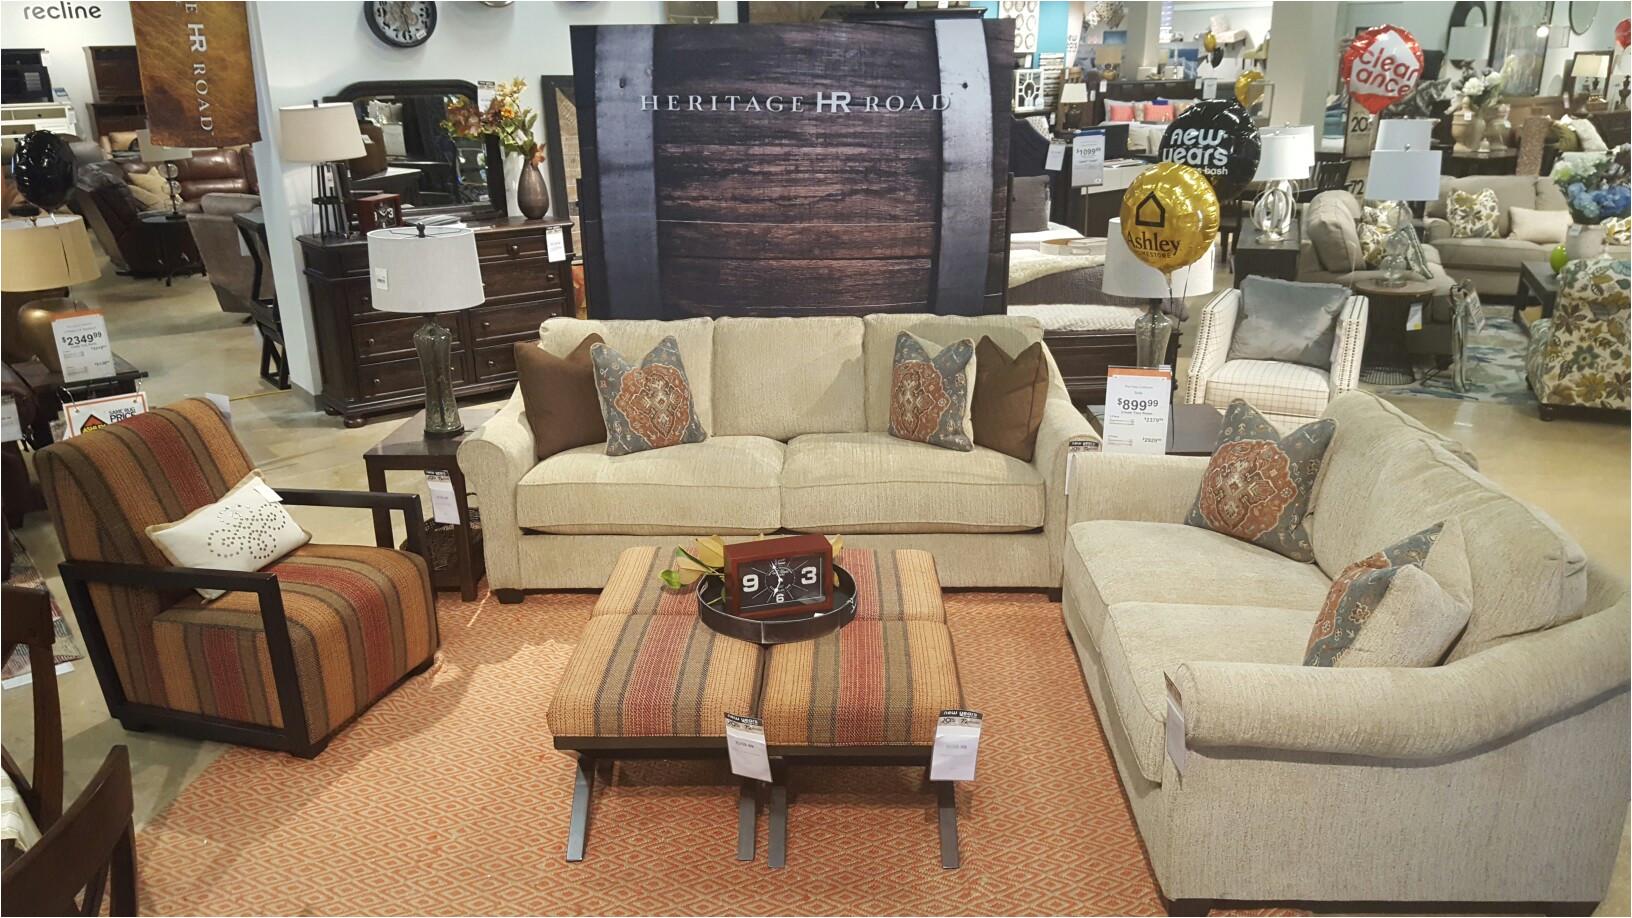 mattress jonesboro ar furniture stores in jonesboro ar fayetteville arkansas furniture stores